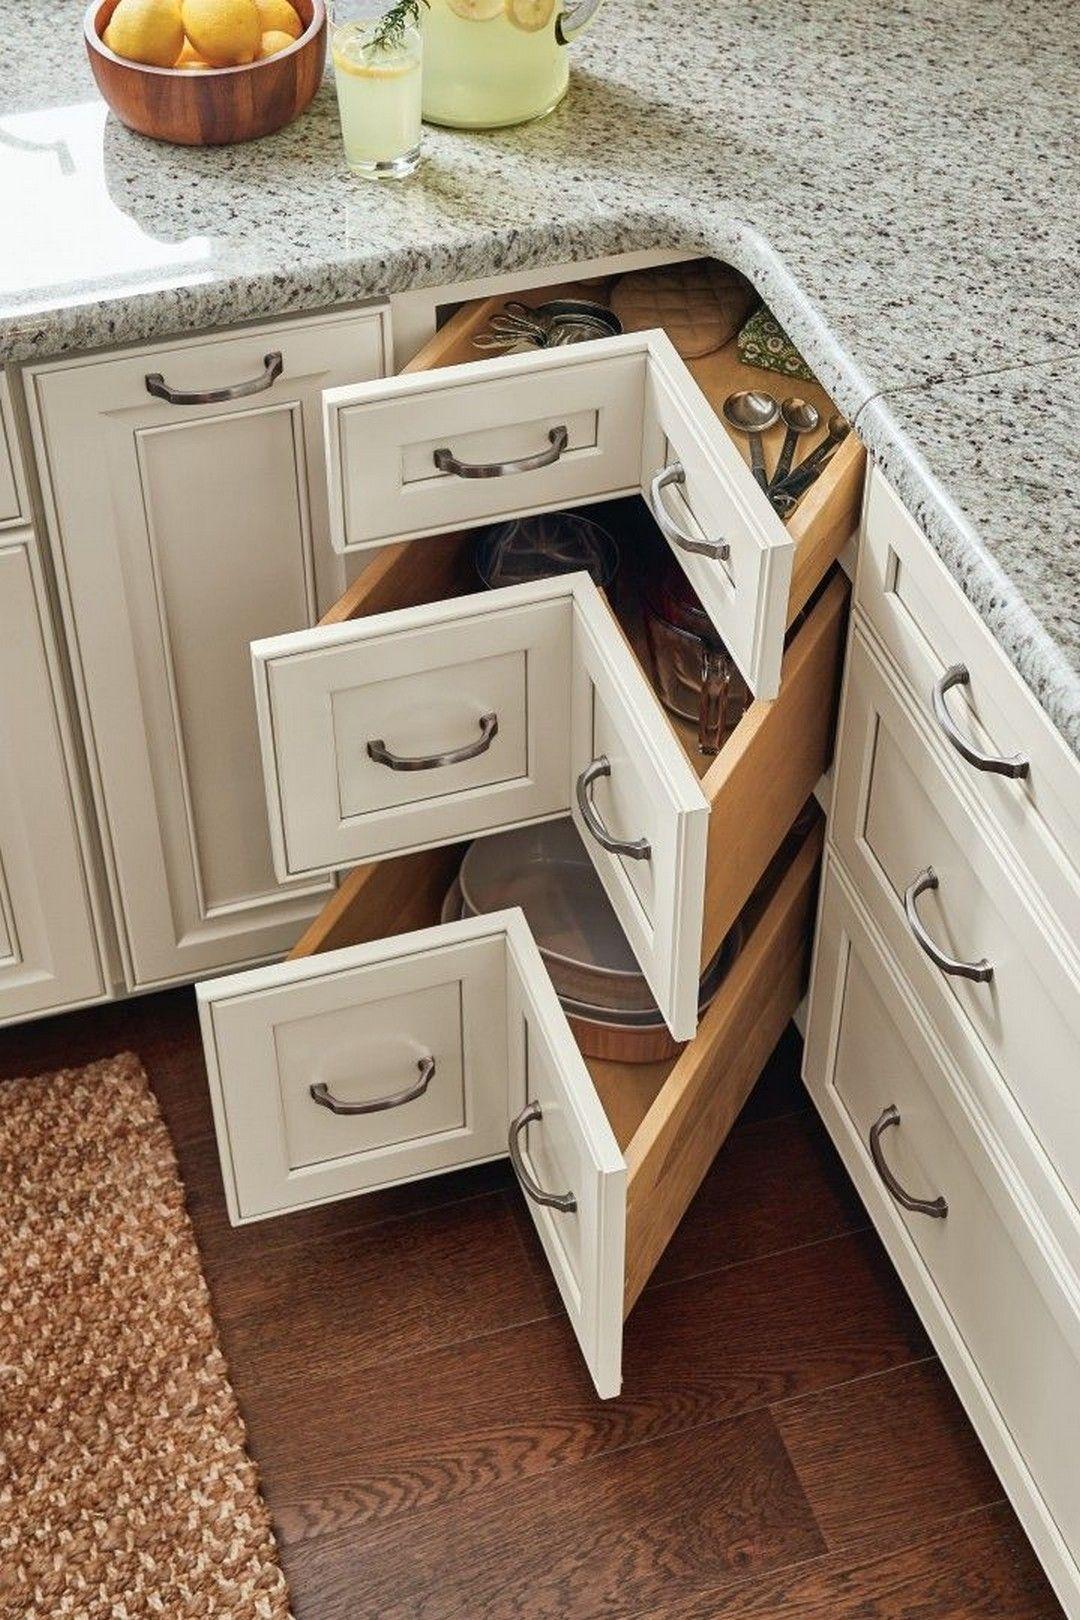 Lovely DIY Kitchen Storage Ideas To Maximize Kitchen Space 31